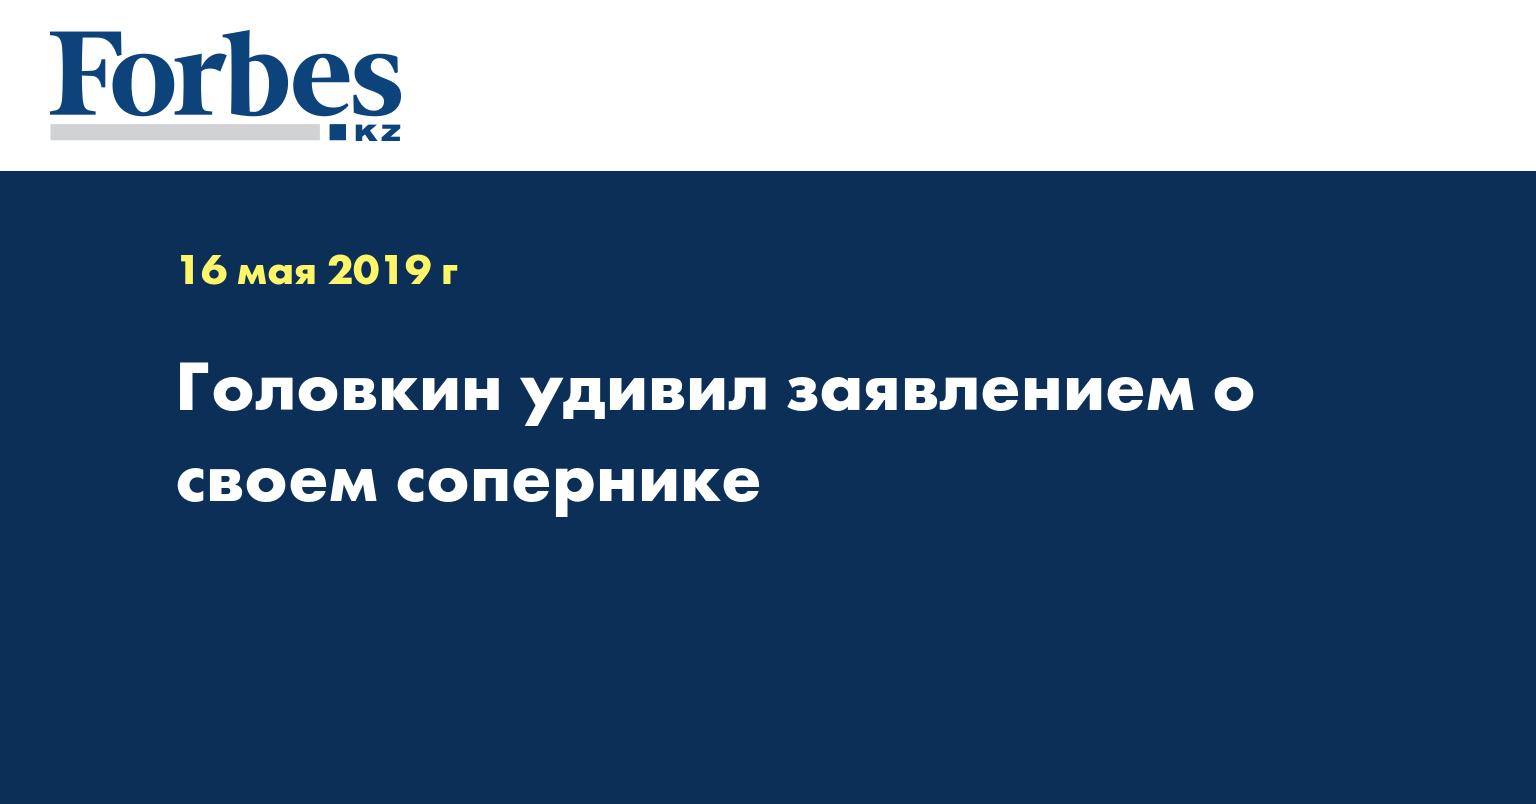 Головкин удивил заявлением о своем сопернике